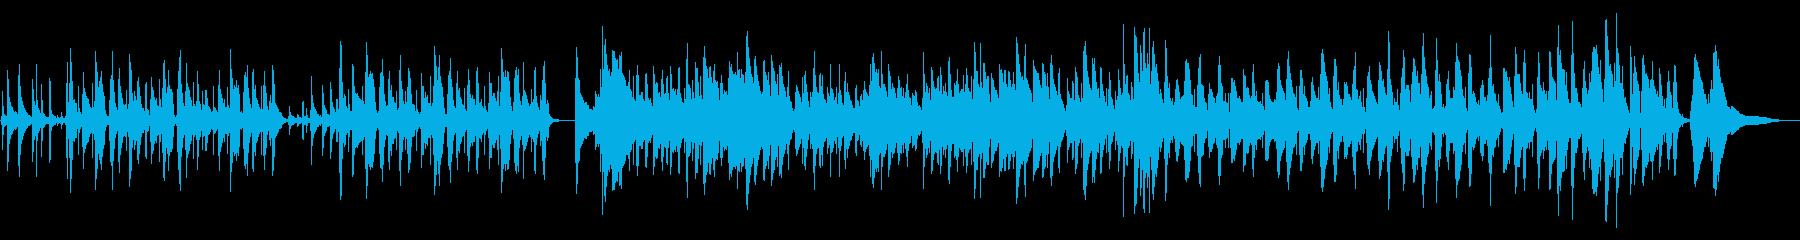 リズム感のあるパーカッシブなジャズの再生済みの波形